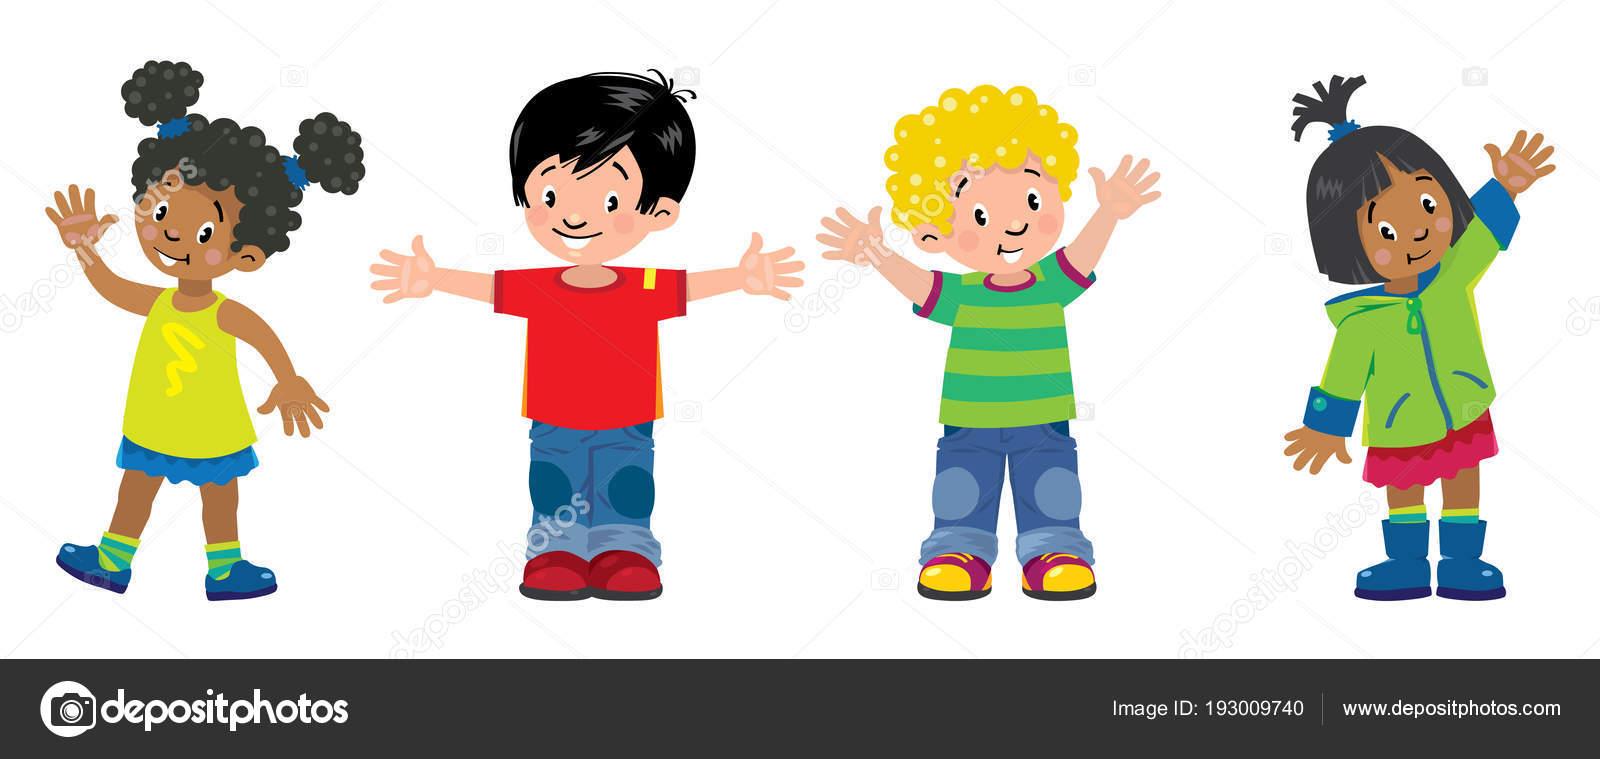 子供たち4 人の子供男の子と女の子の笑顔のセット ストック